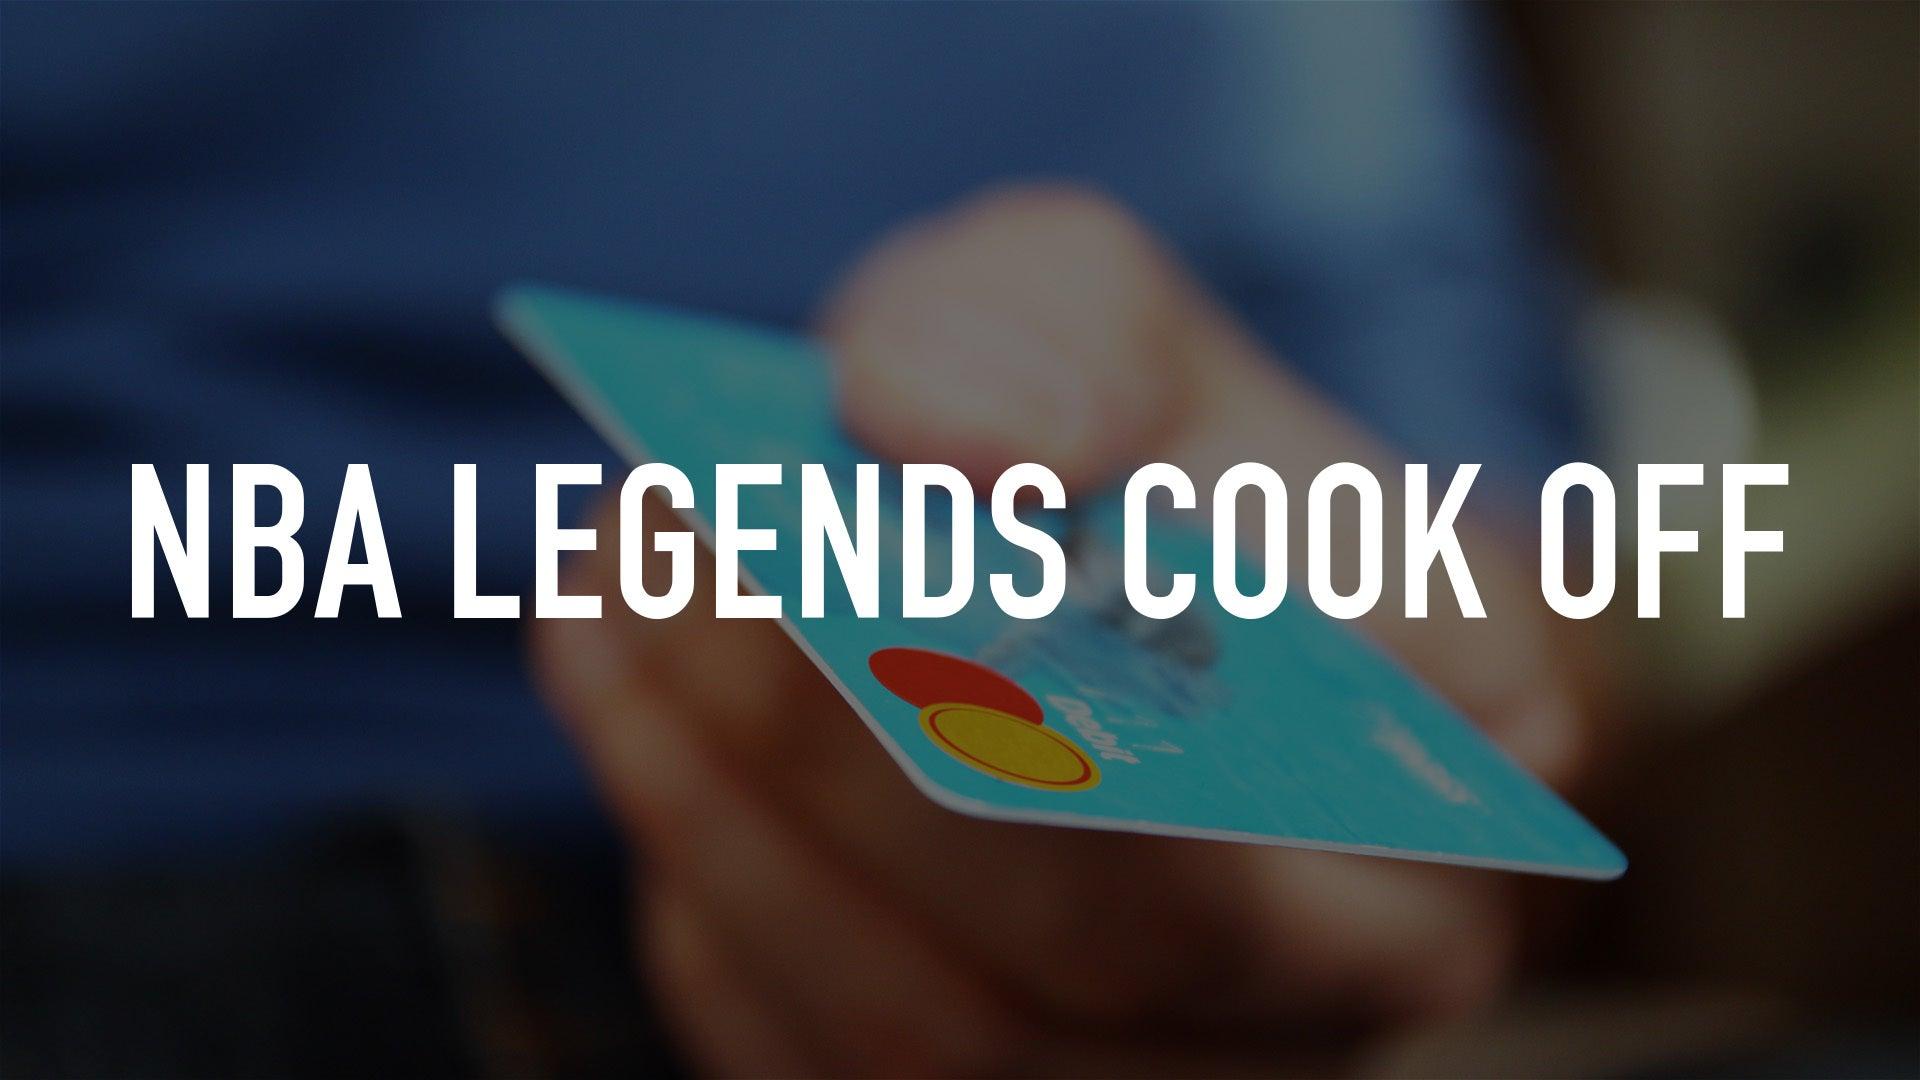 NBA Legends Cook Off